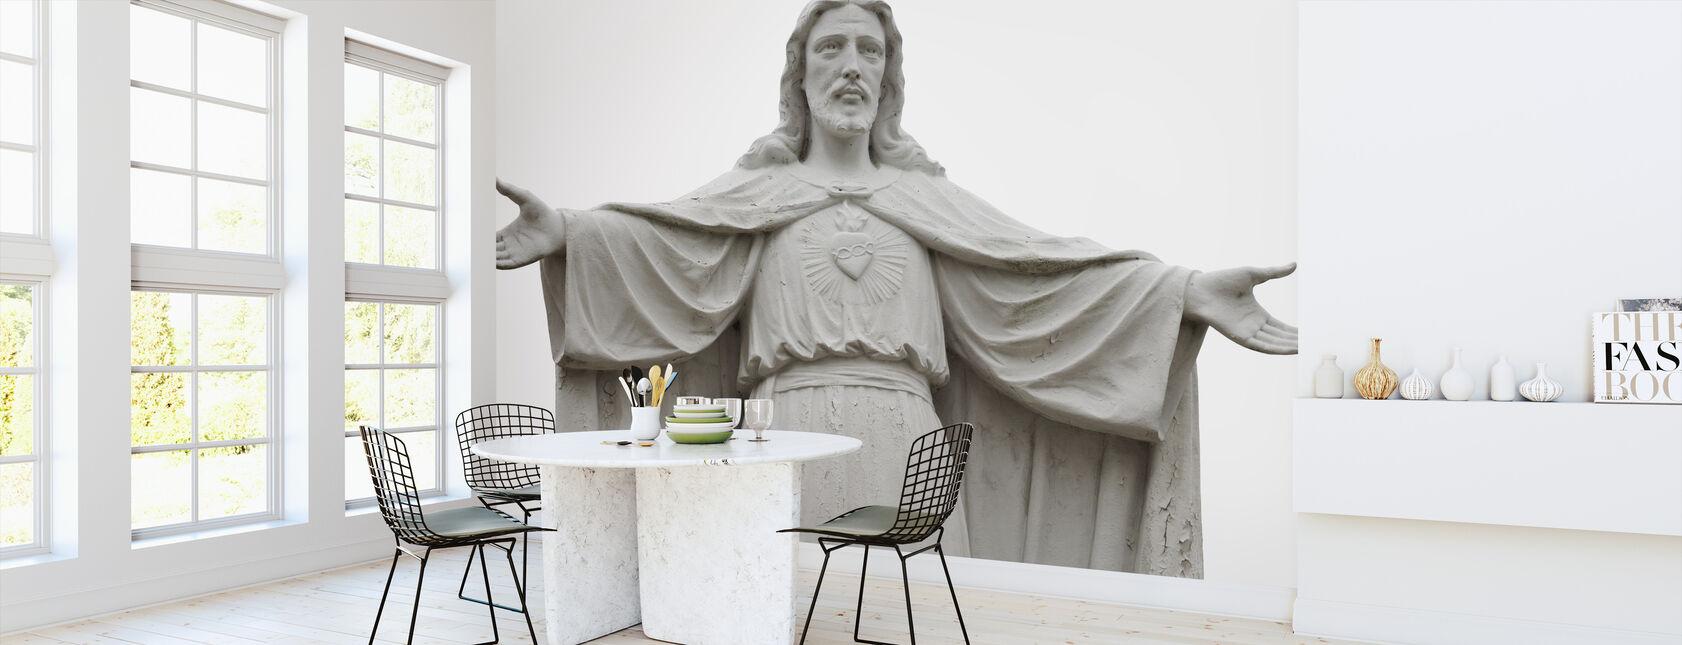 Jesus Statue - Wallpaper - Kitchen